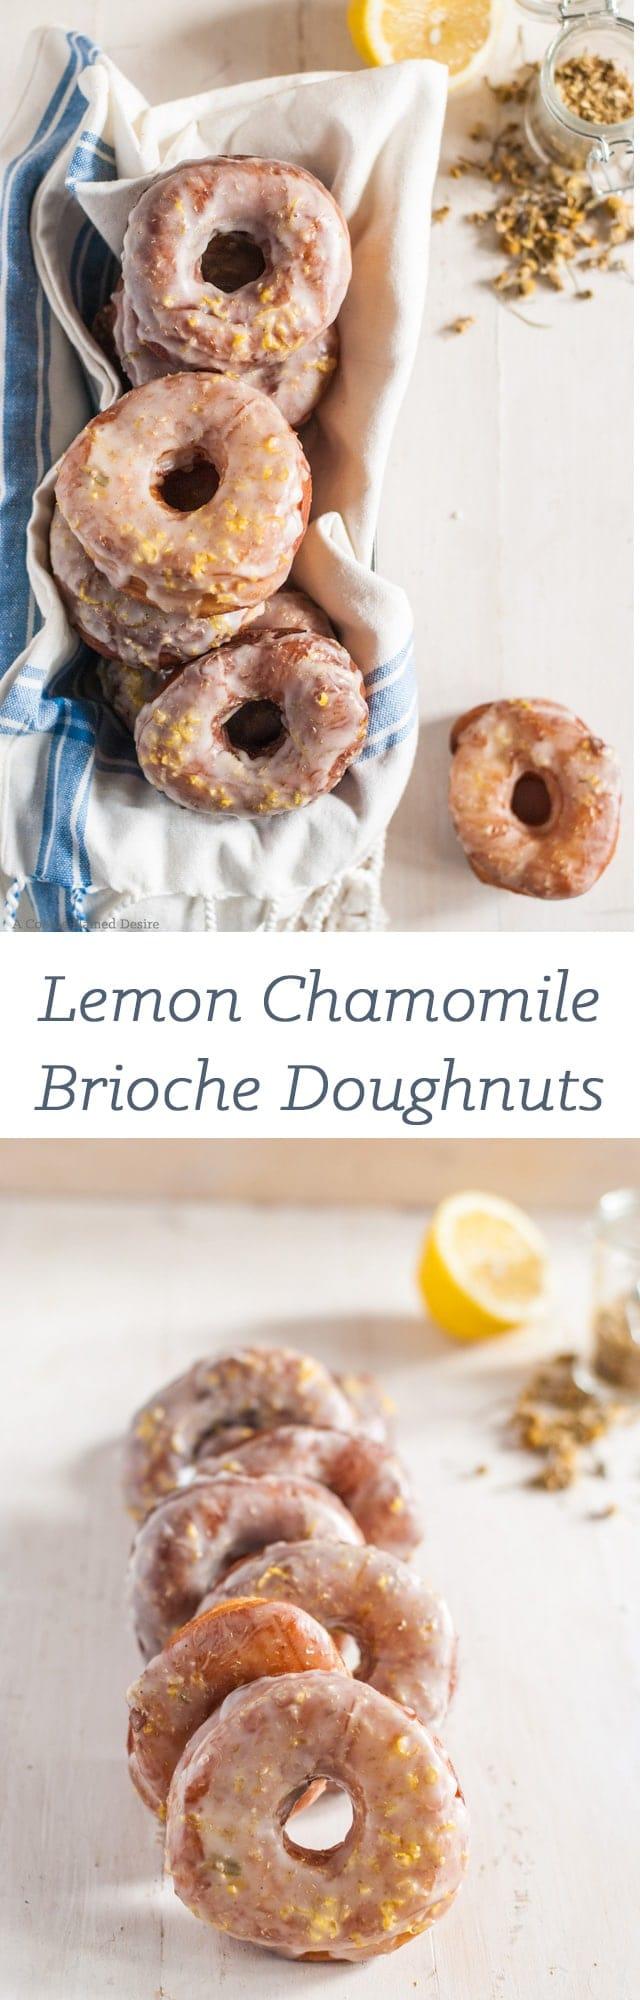 lemon chamomile brioche doughnuts